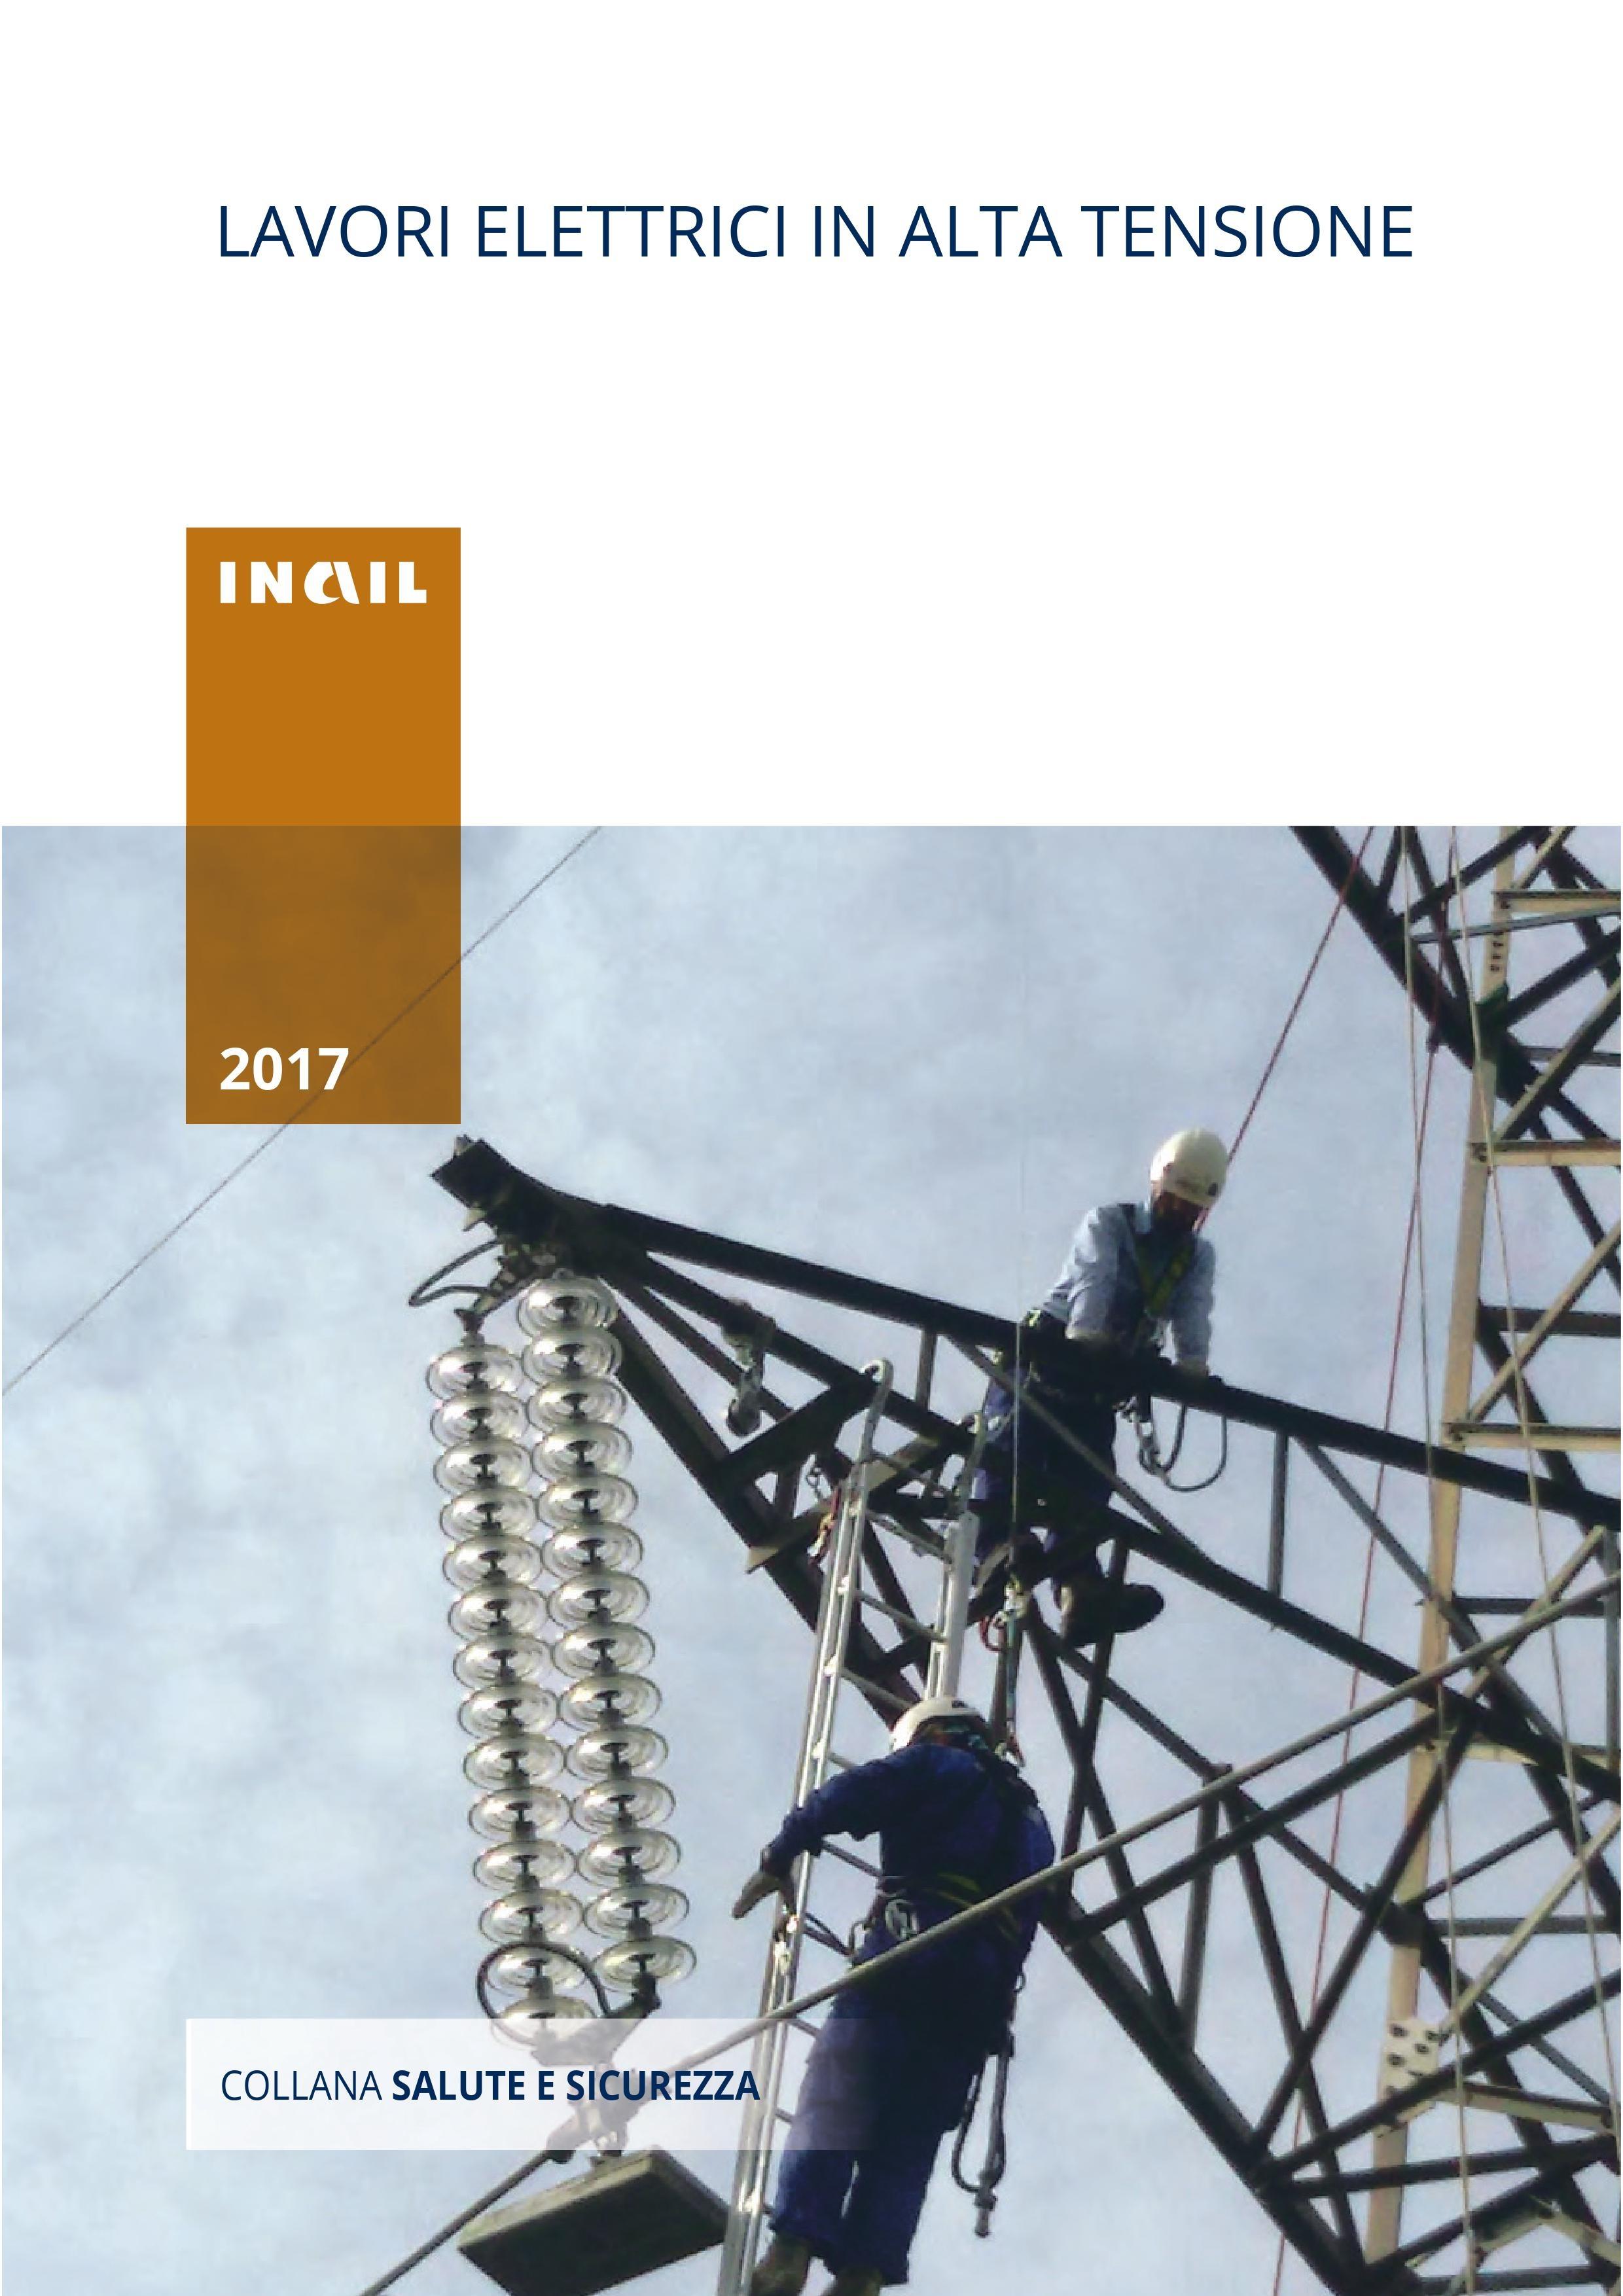 Inail: la sicurezza nei lavori elettrici in alta tensione